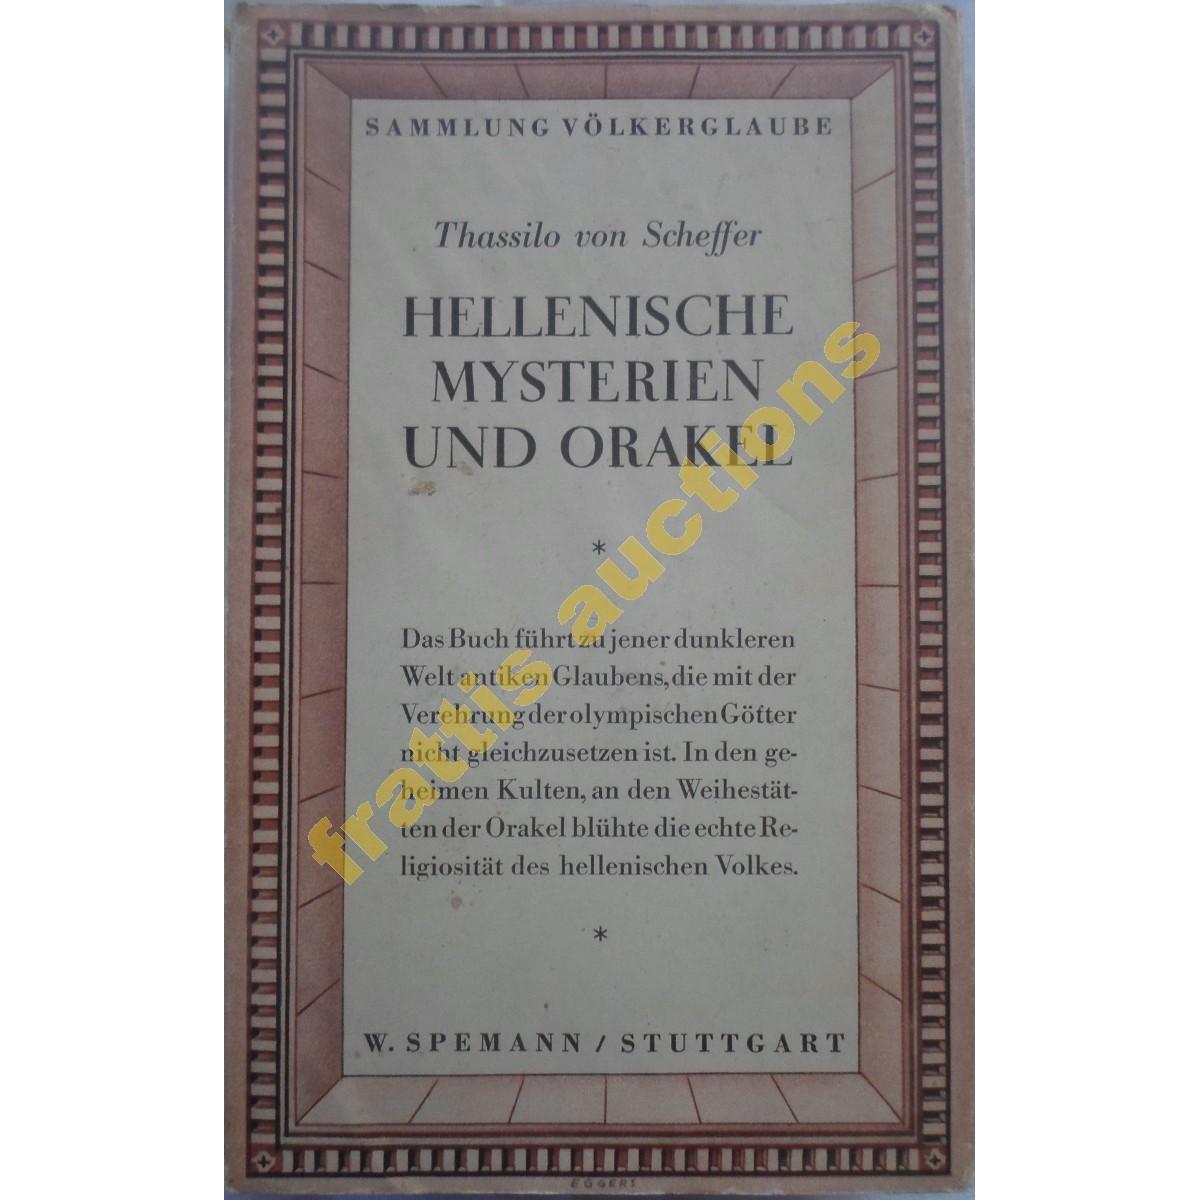 Thassilo von Scheffer, Ελληνικά Μυστήρια και Μαντεία, W. Spemann Verlag, Στουτγάρδη, 1940. 1η έκδοση